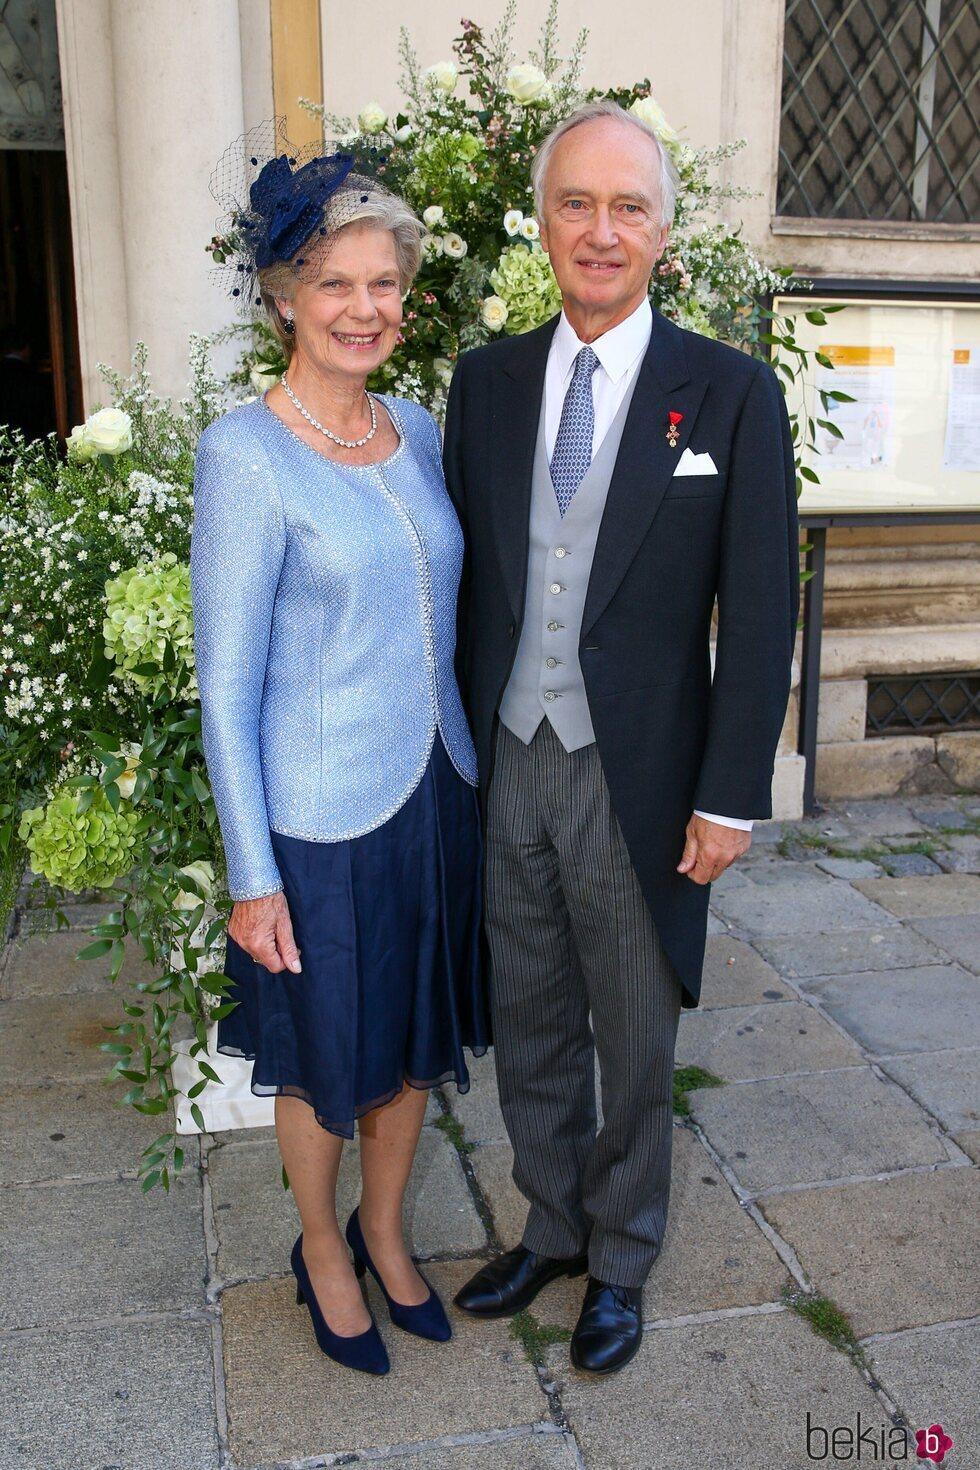 Christian de Habsburgo y Marie-Astrid de Luxemburgo en la boda de María Anunciata de Liechtenstein y Emanuele Musini